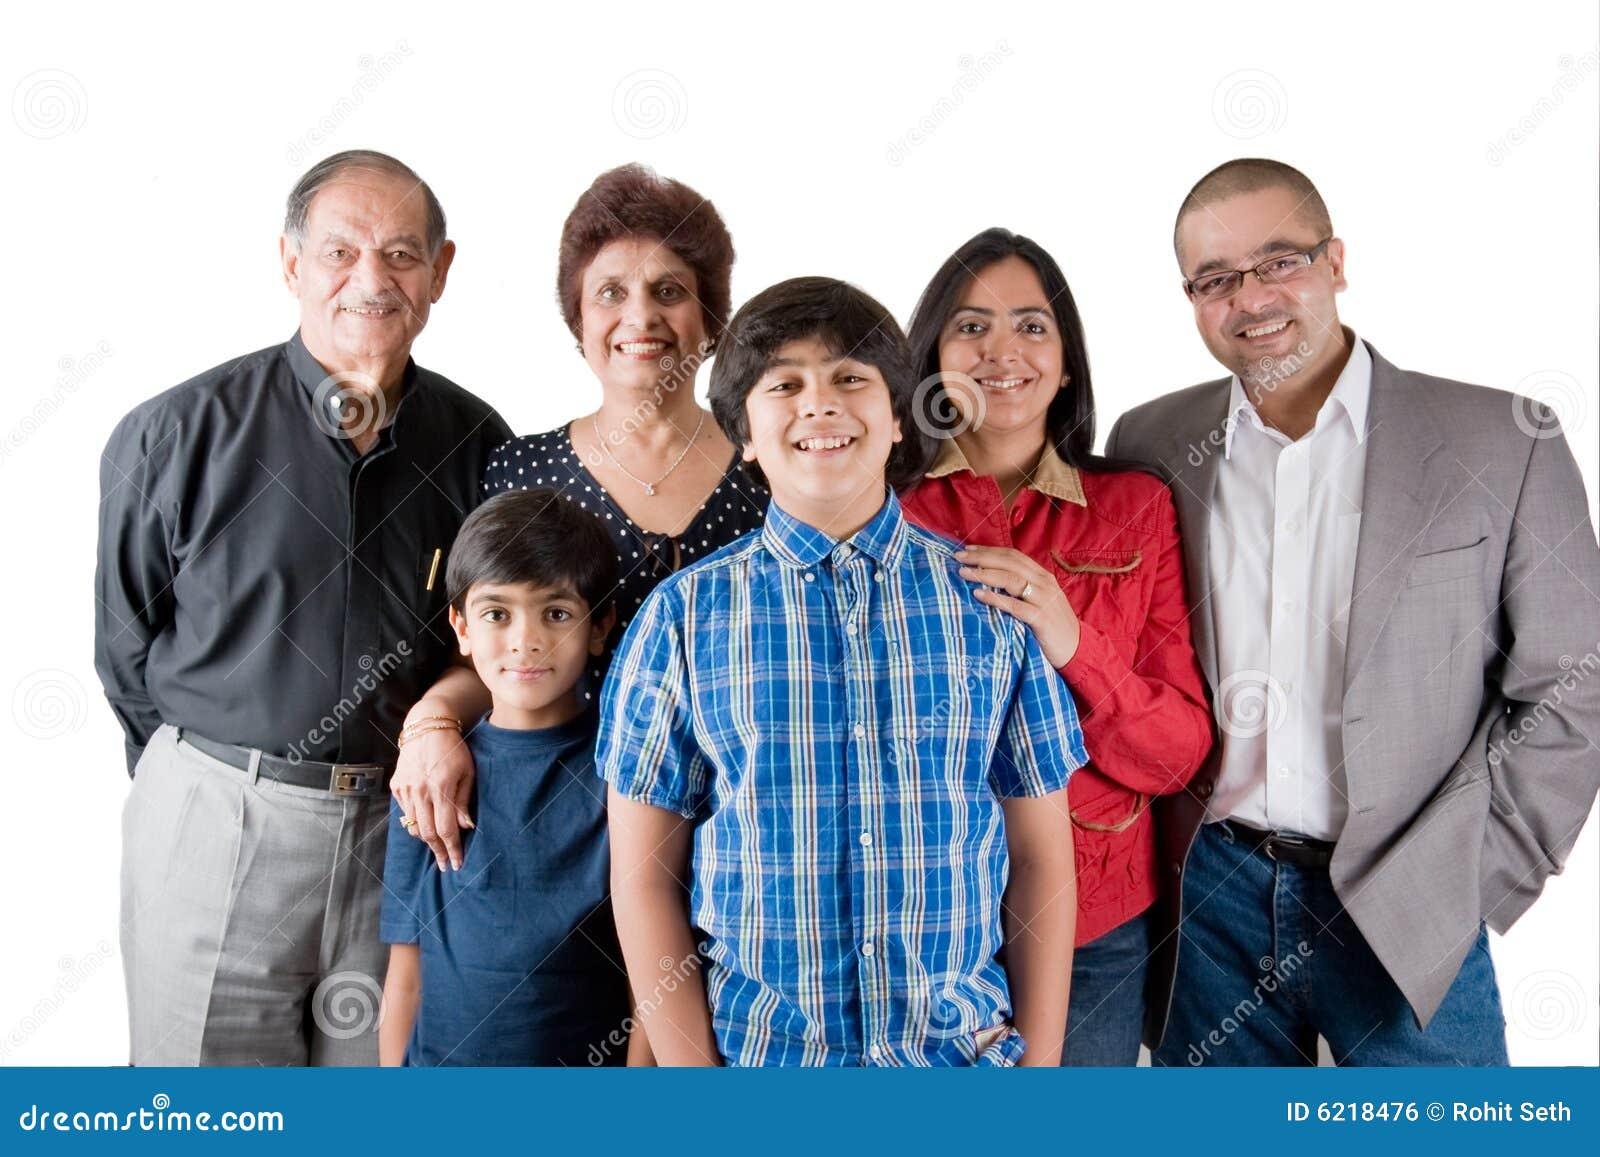 инец семьи из нескольких поколений